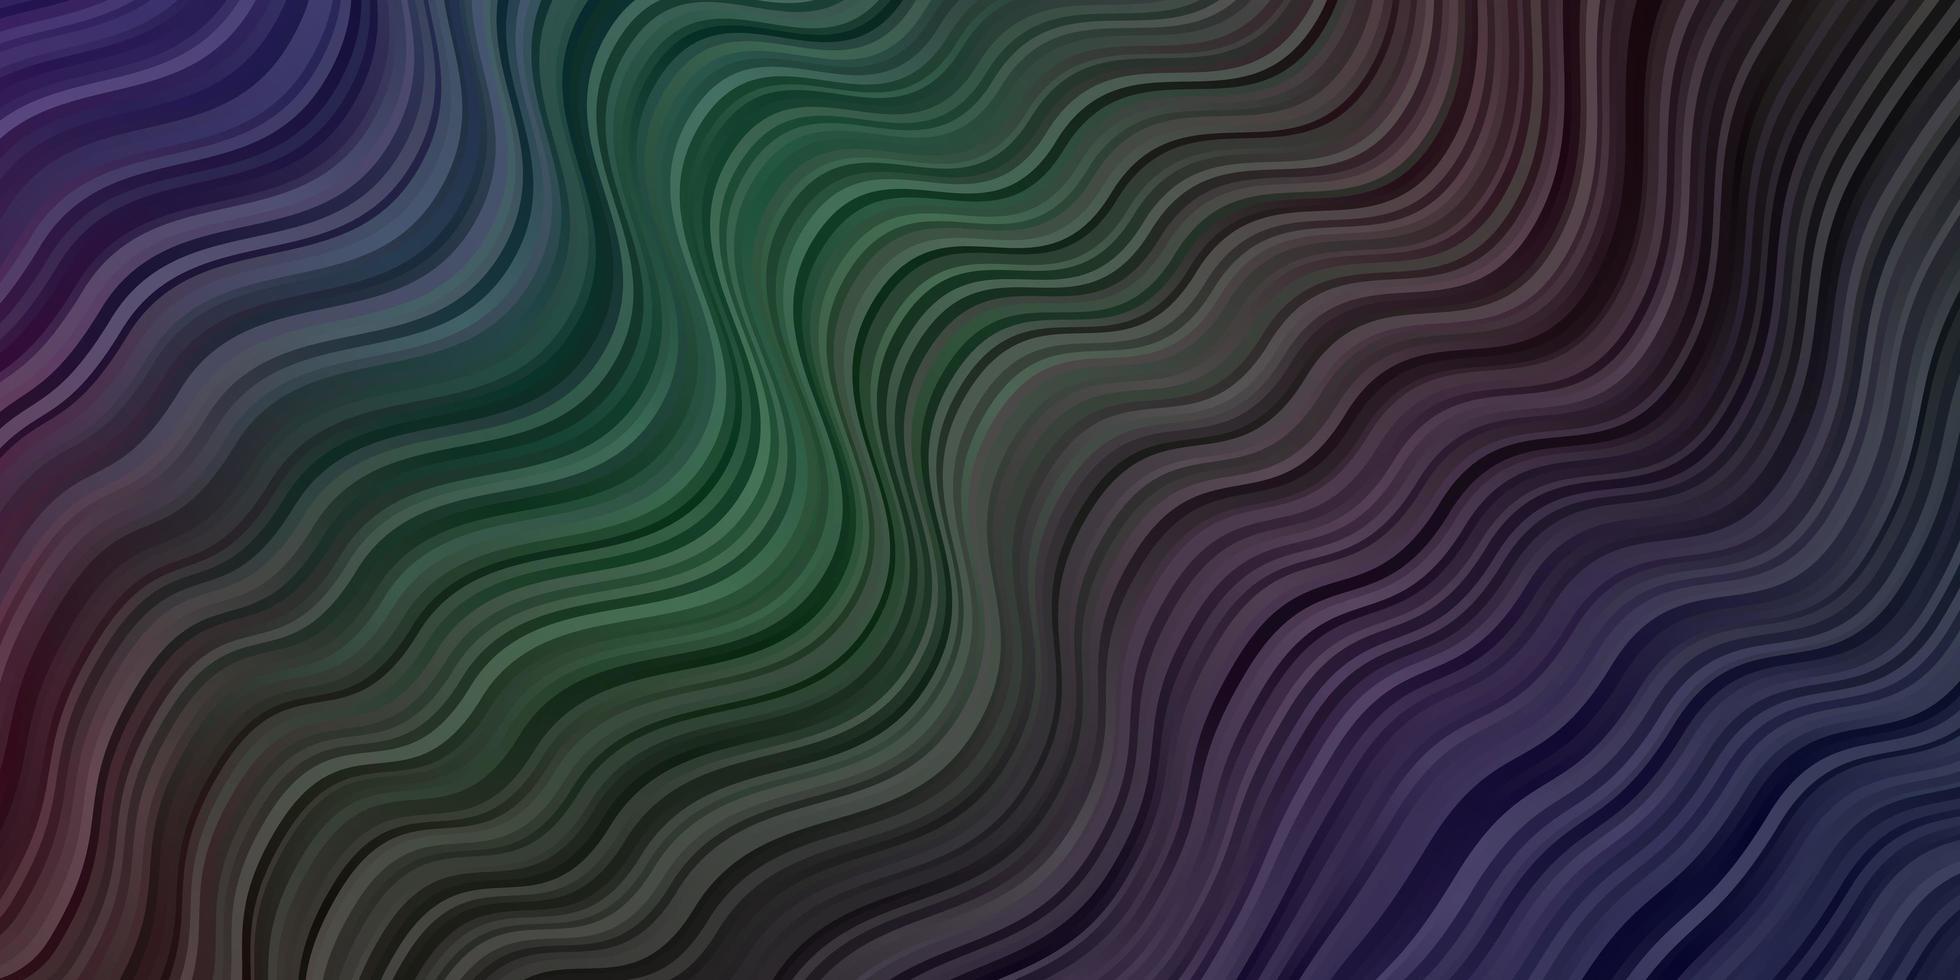 toile de fond de vecteur multicolore sombre avec des lignes pliées.